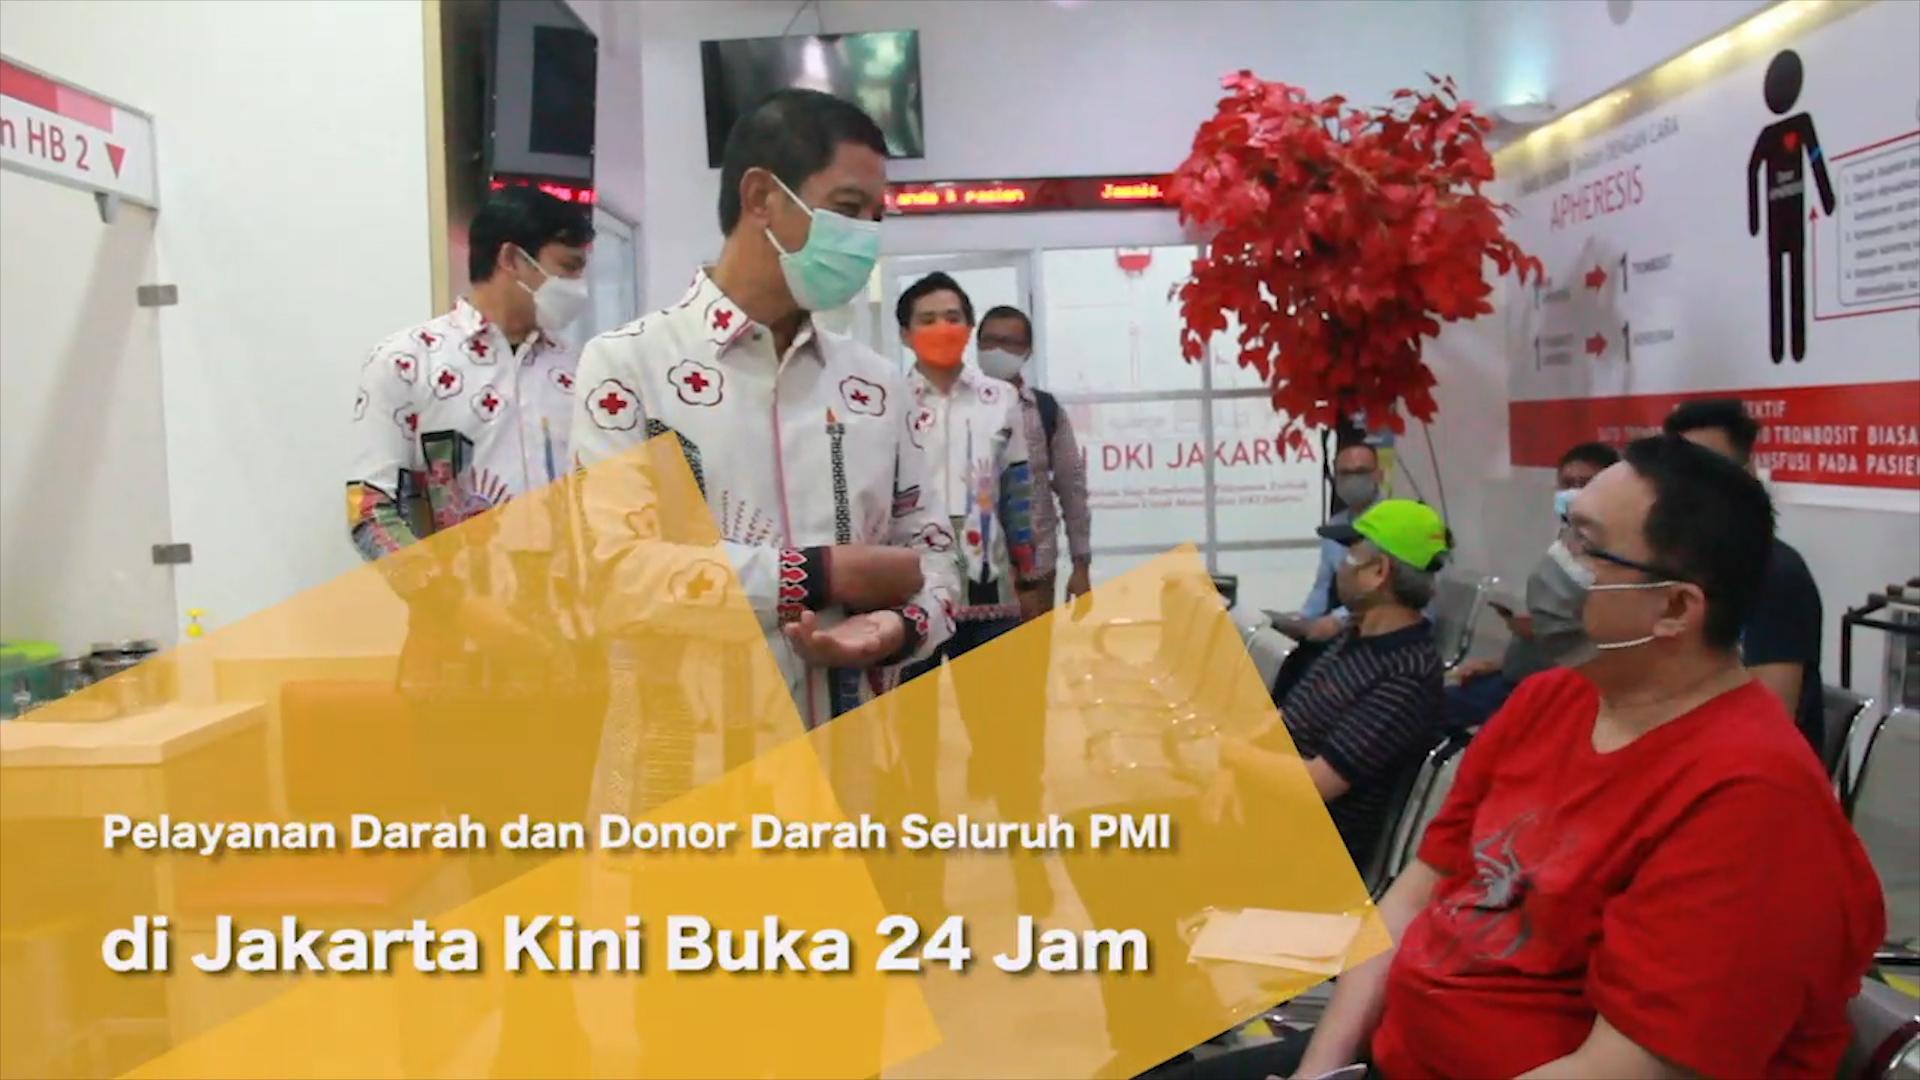 Pelayanan Darah dan Donor Darah Seluruh PMI di Jakarta Kini Buka 24 Jam